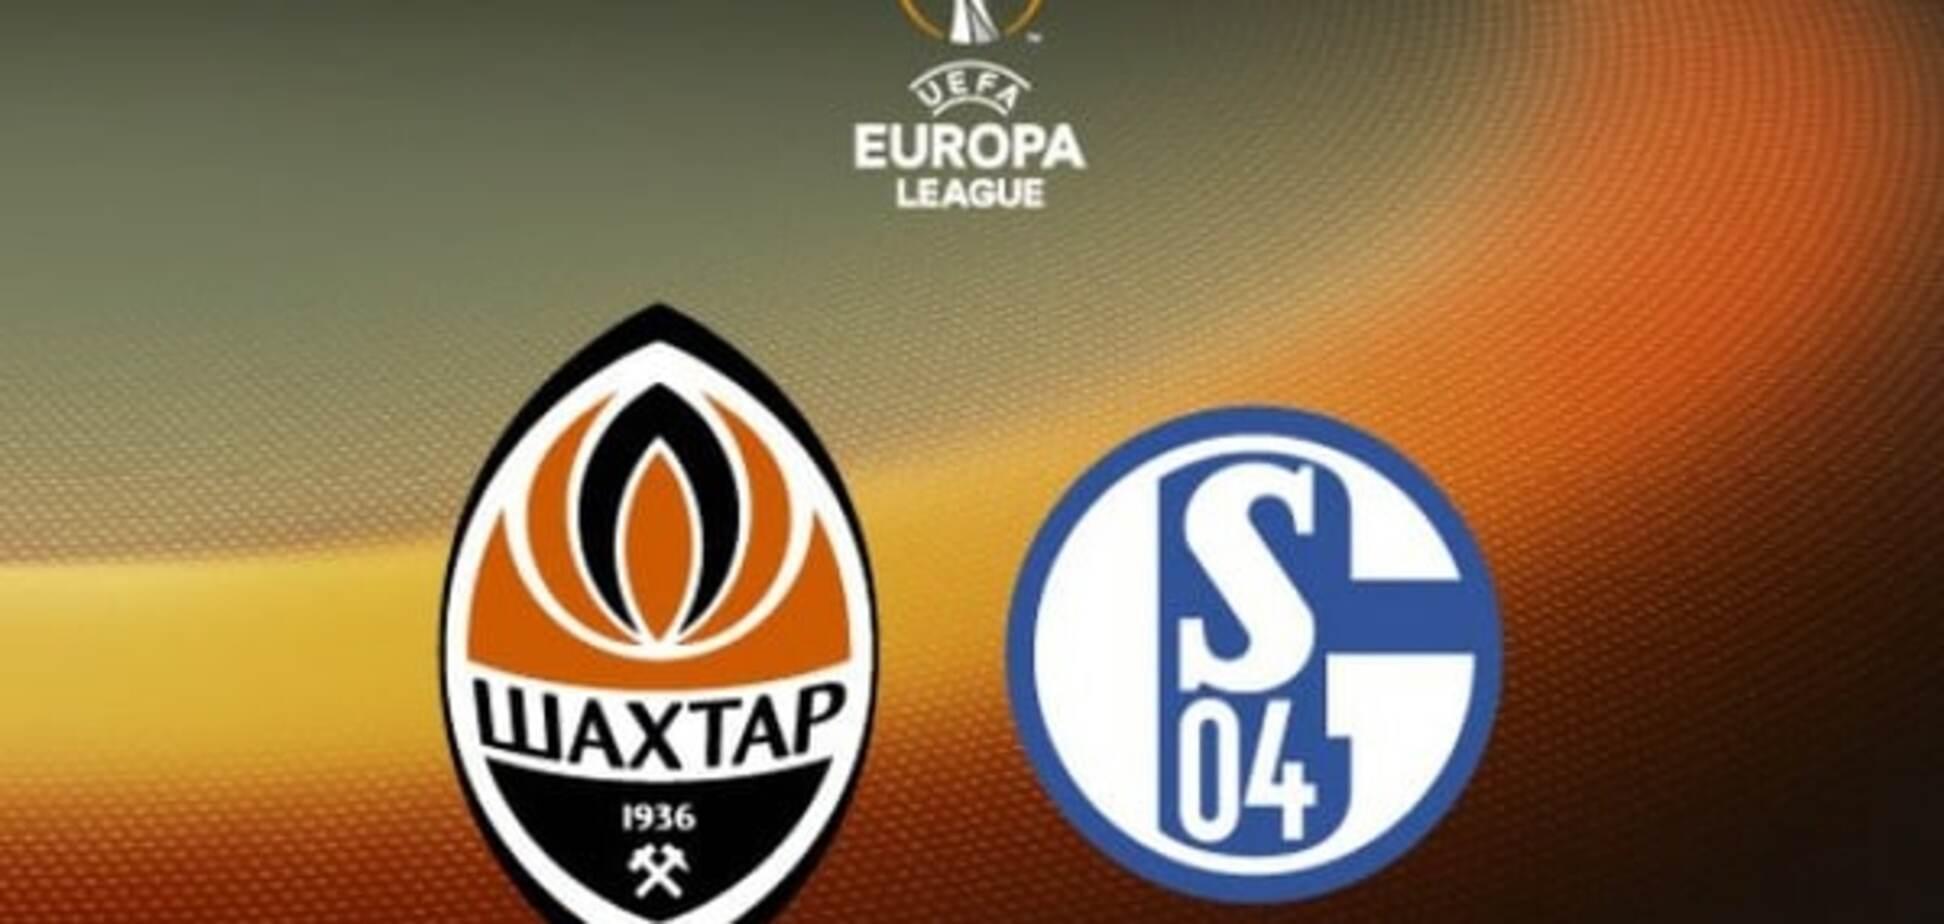 'Шальке' - 'Шахтар': прогноз букмекерів на матч-відповідь 1/16 фіналу Ліги Європи